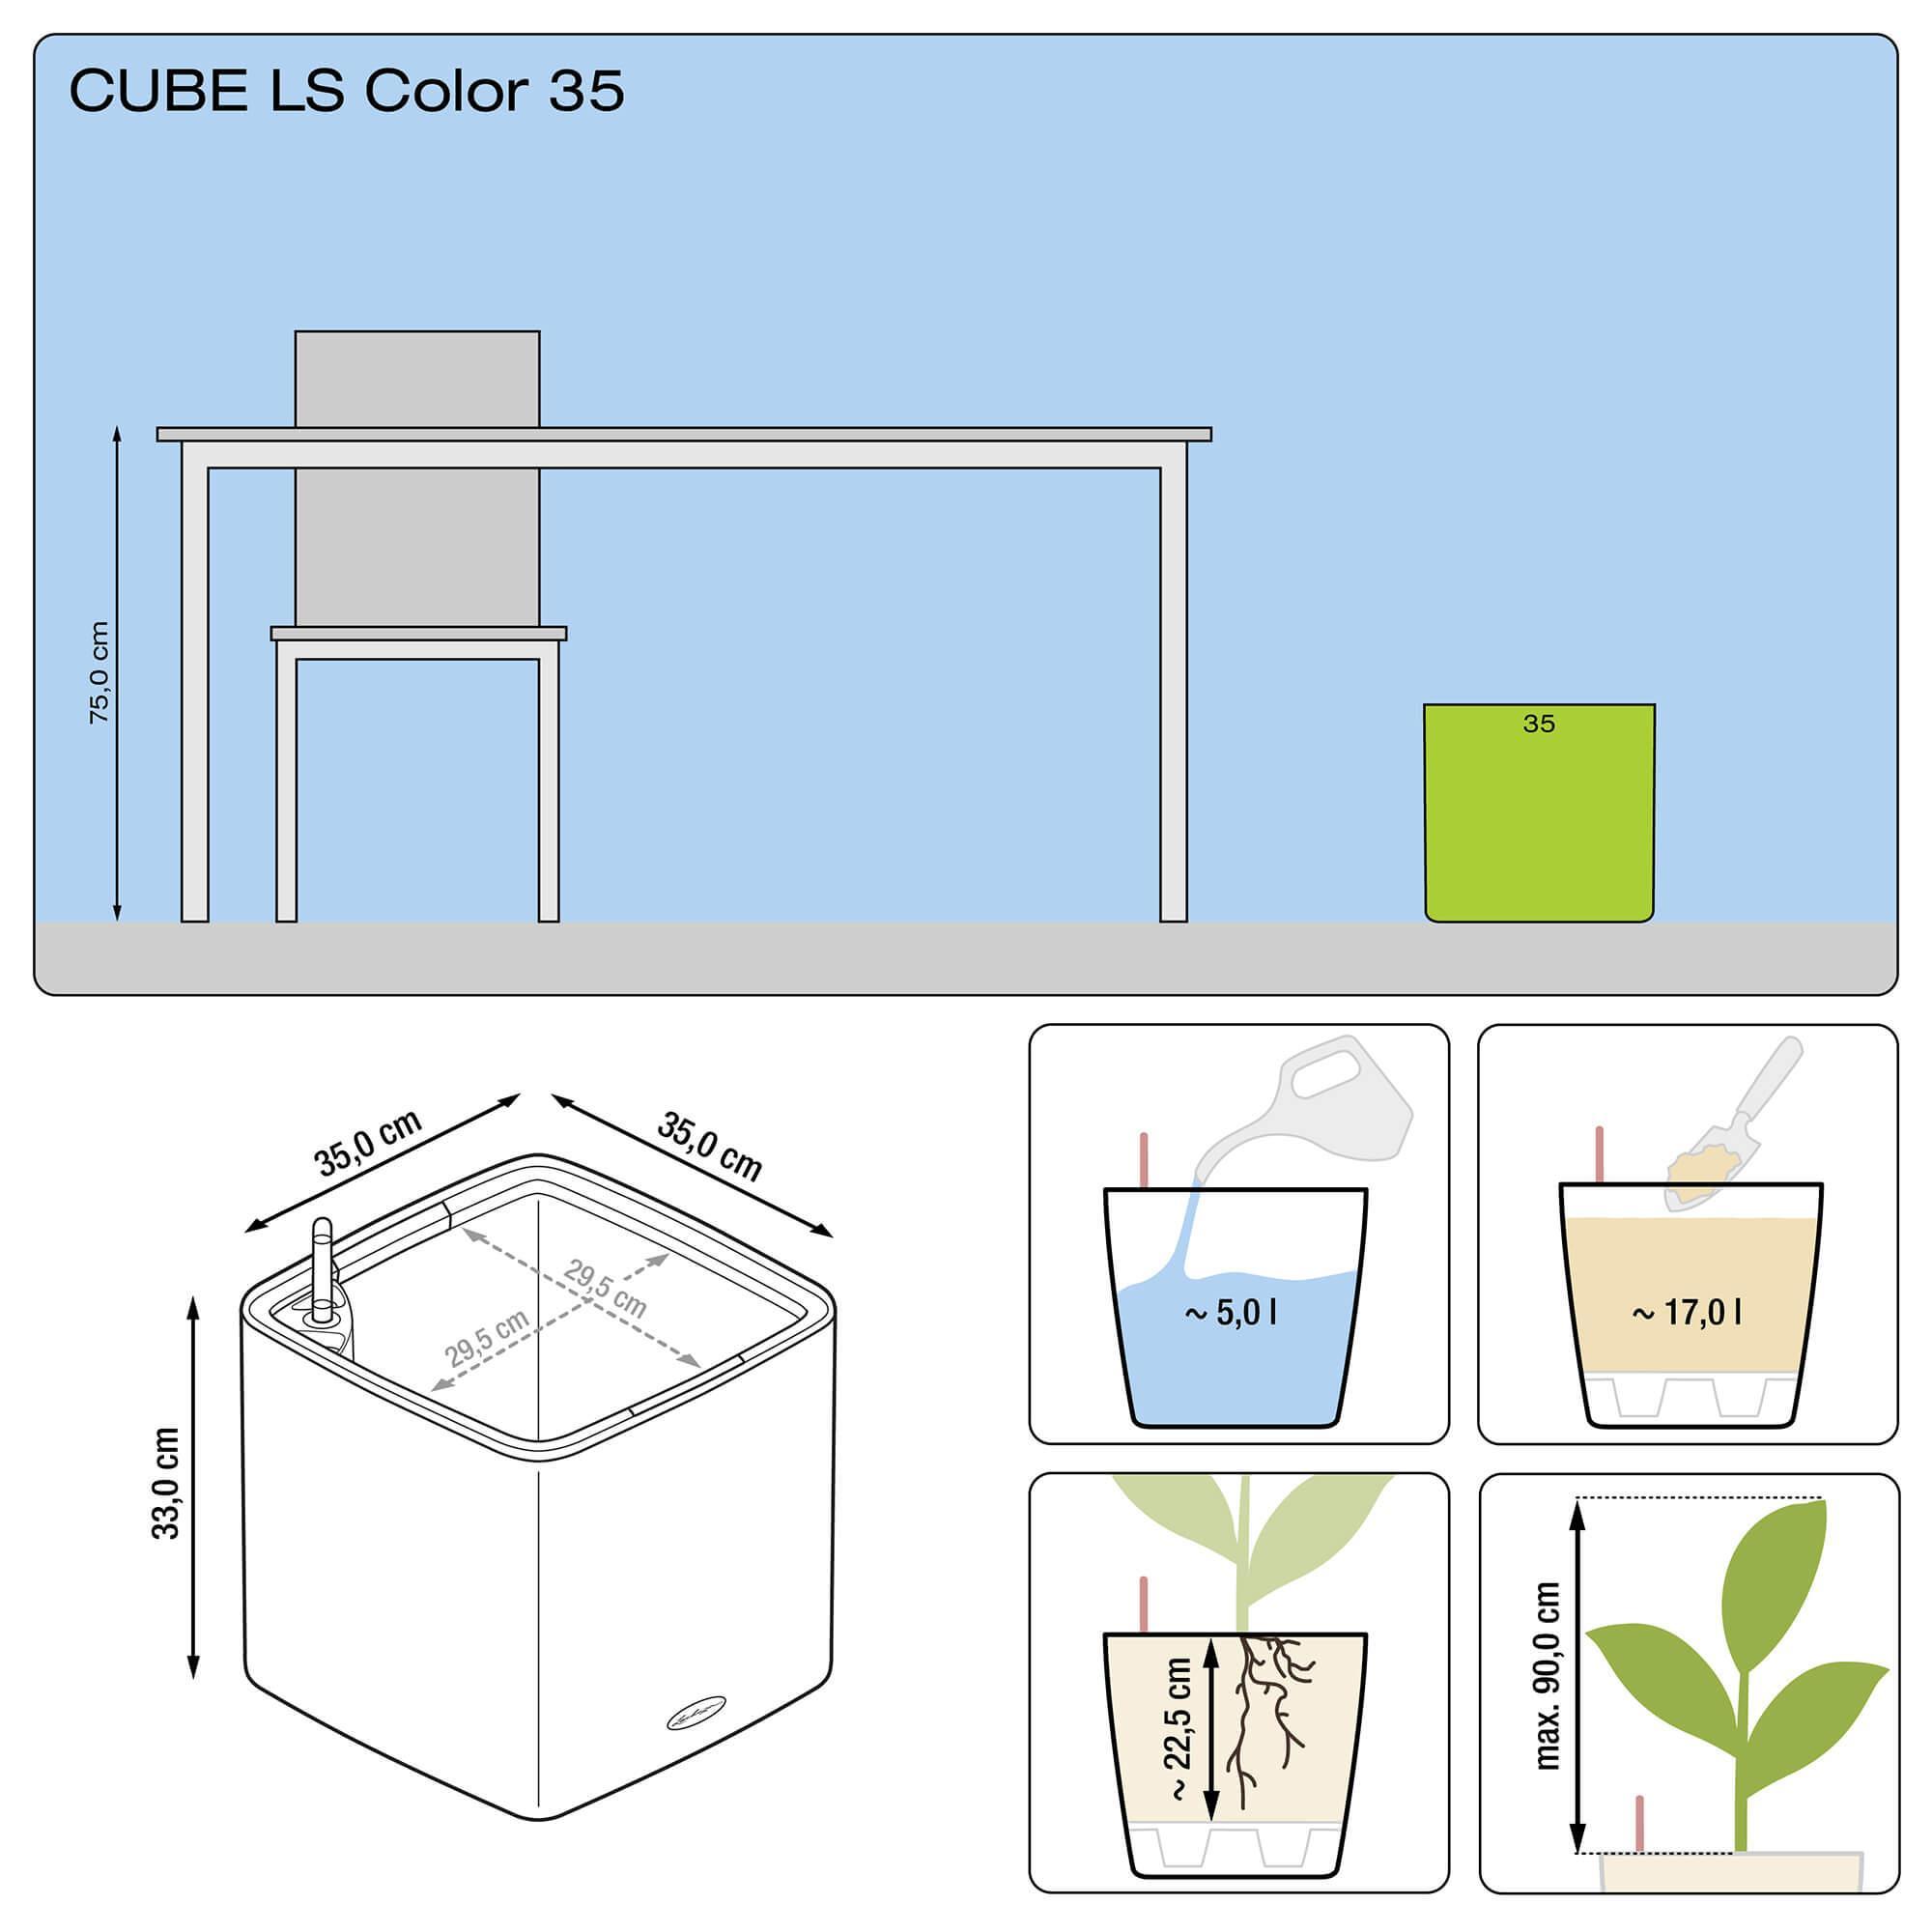 CUBE LS Color 35 blanco - Imagen 3